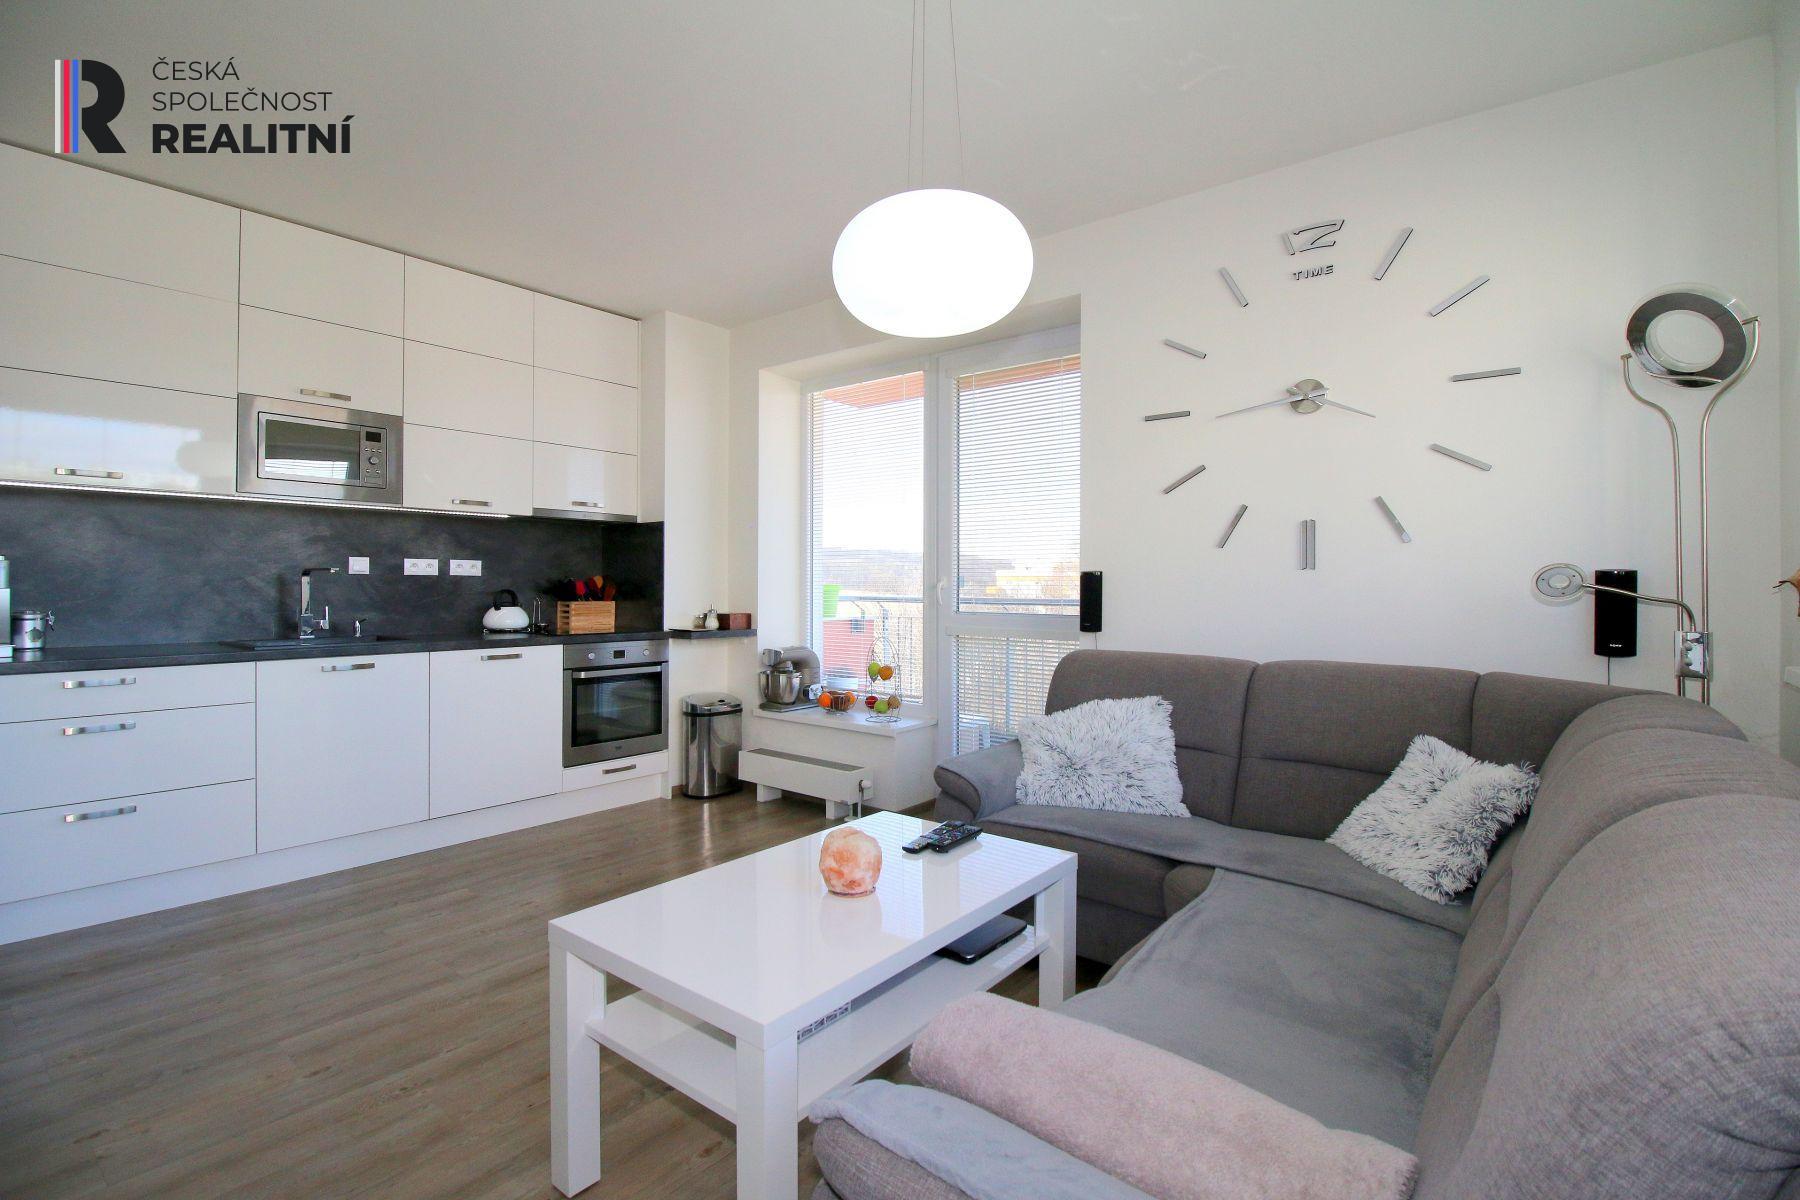 Prodej bytu 5+kk se 2 balkony, Hvozdecká, Brno Žebětín